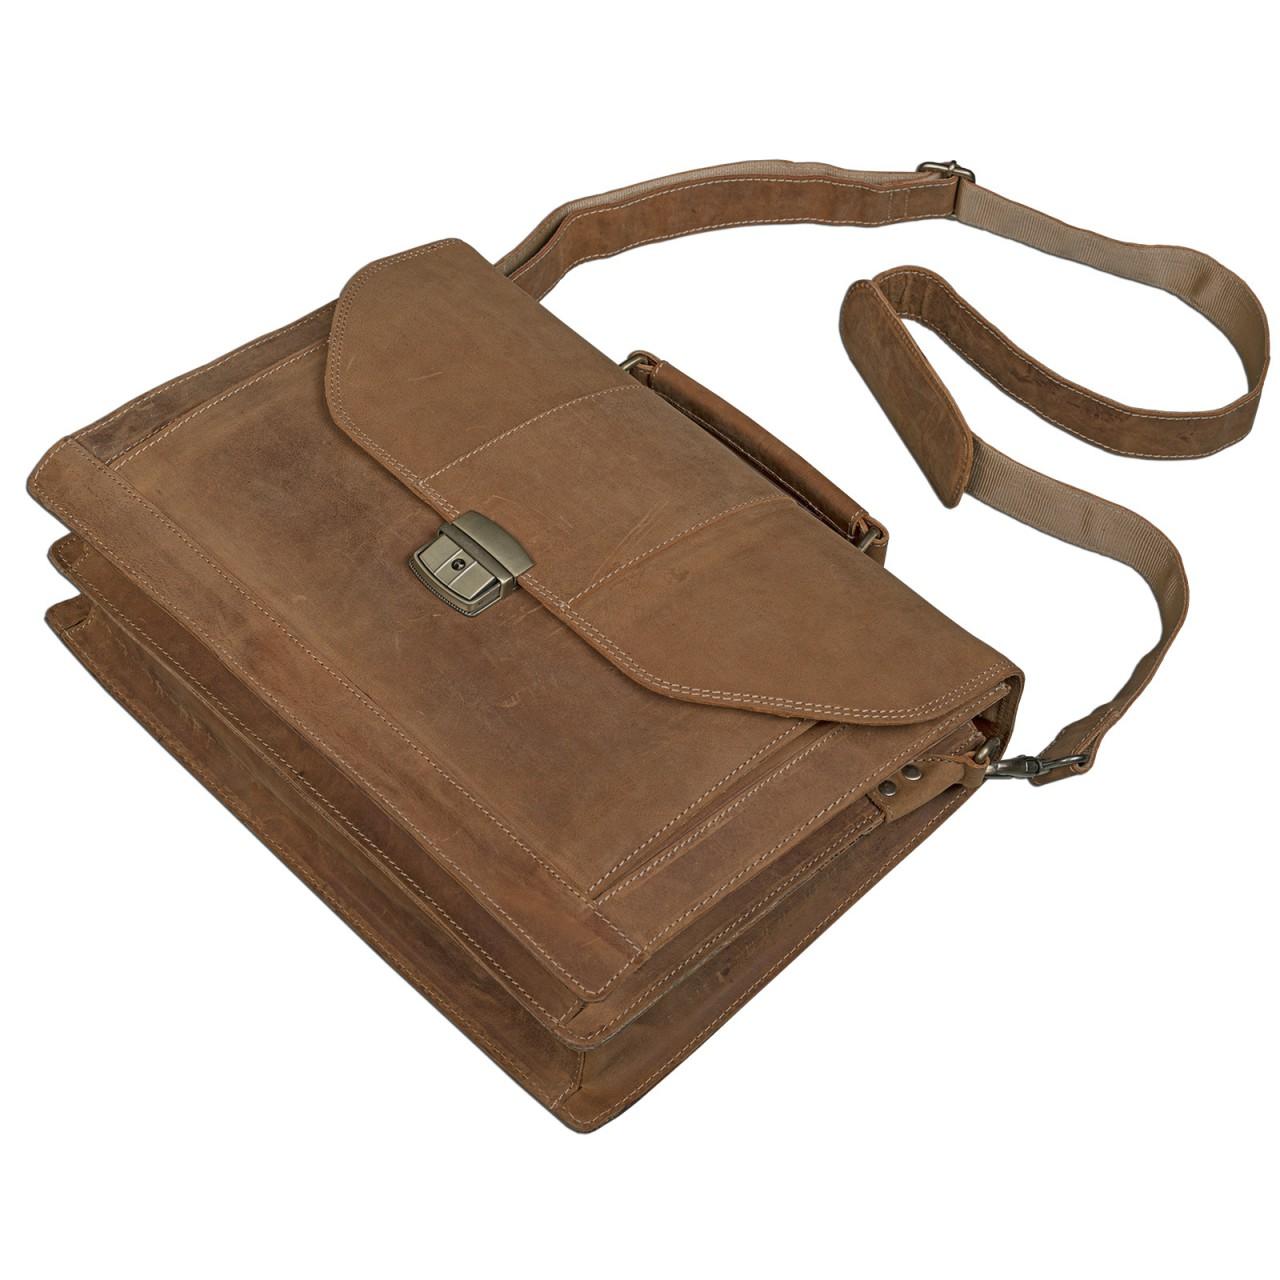 STILORD elegante Vintage Business Tasche Büro Freizeit Uni Studium aus echtem Leder mit Schloss und Tablet Fach Rinds Leder Braun - Bild 8